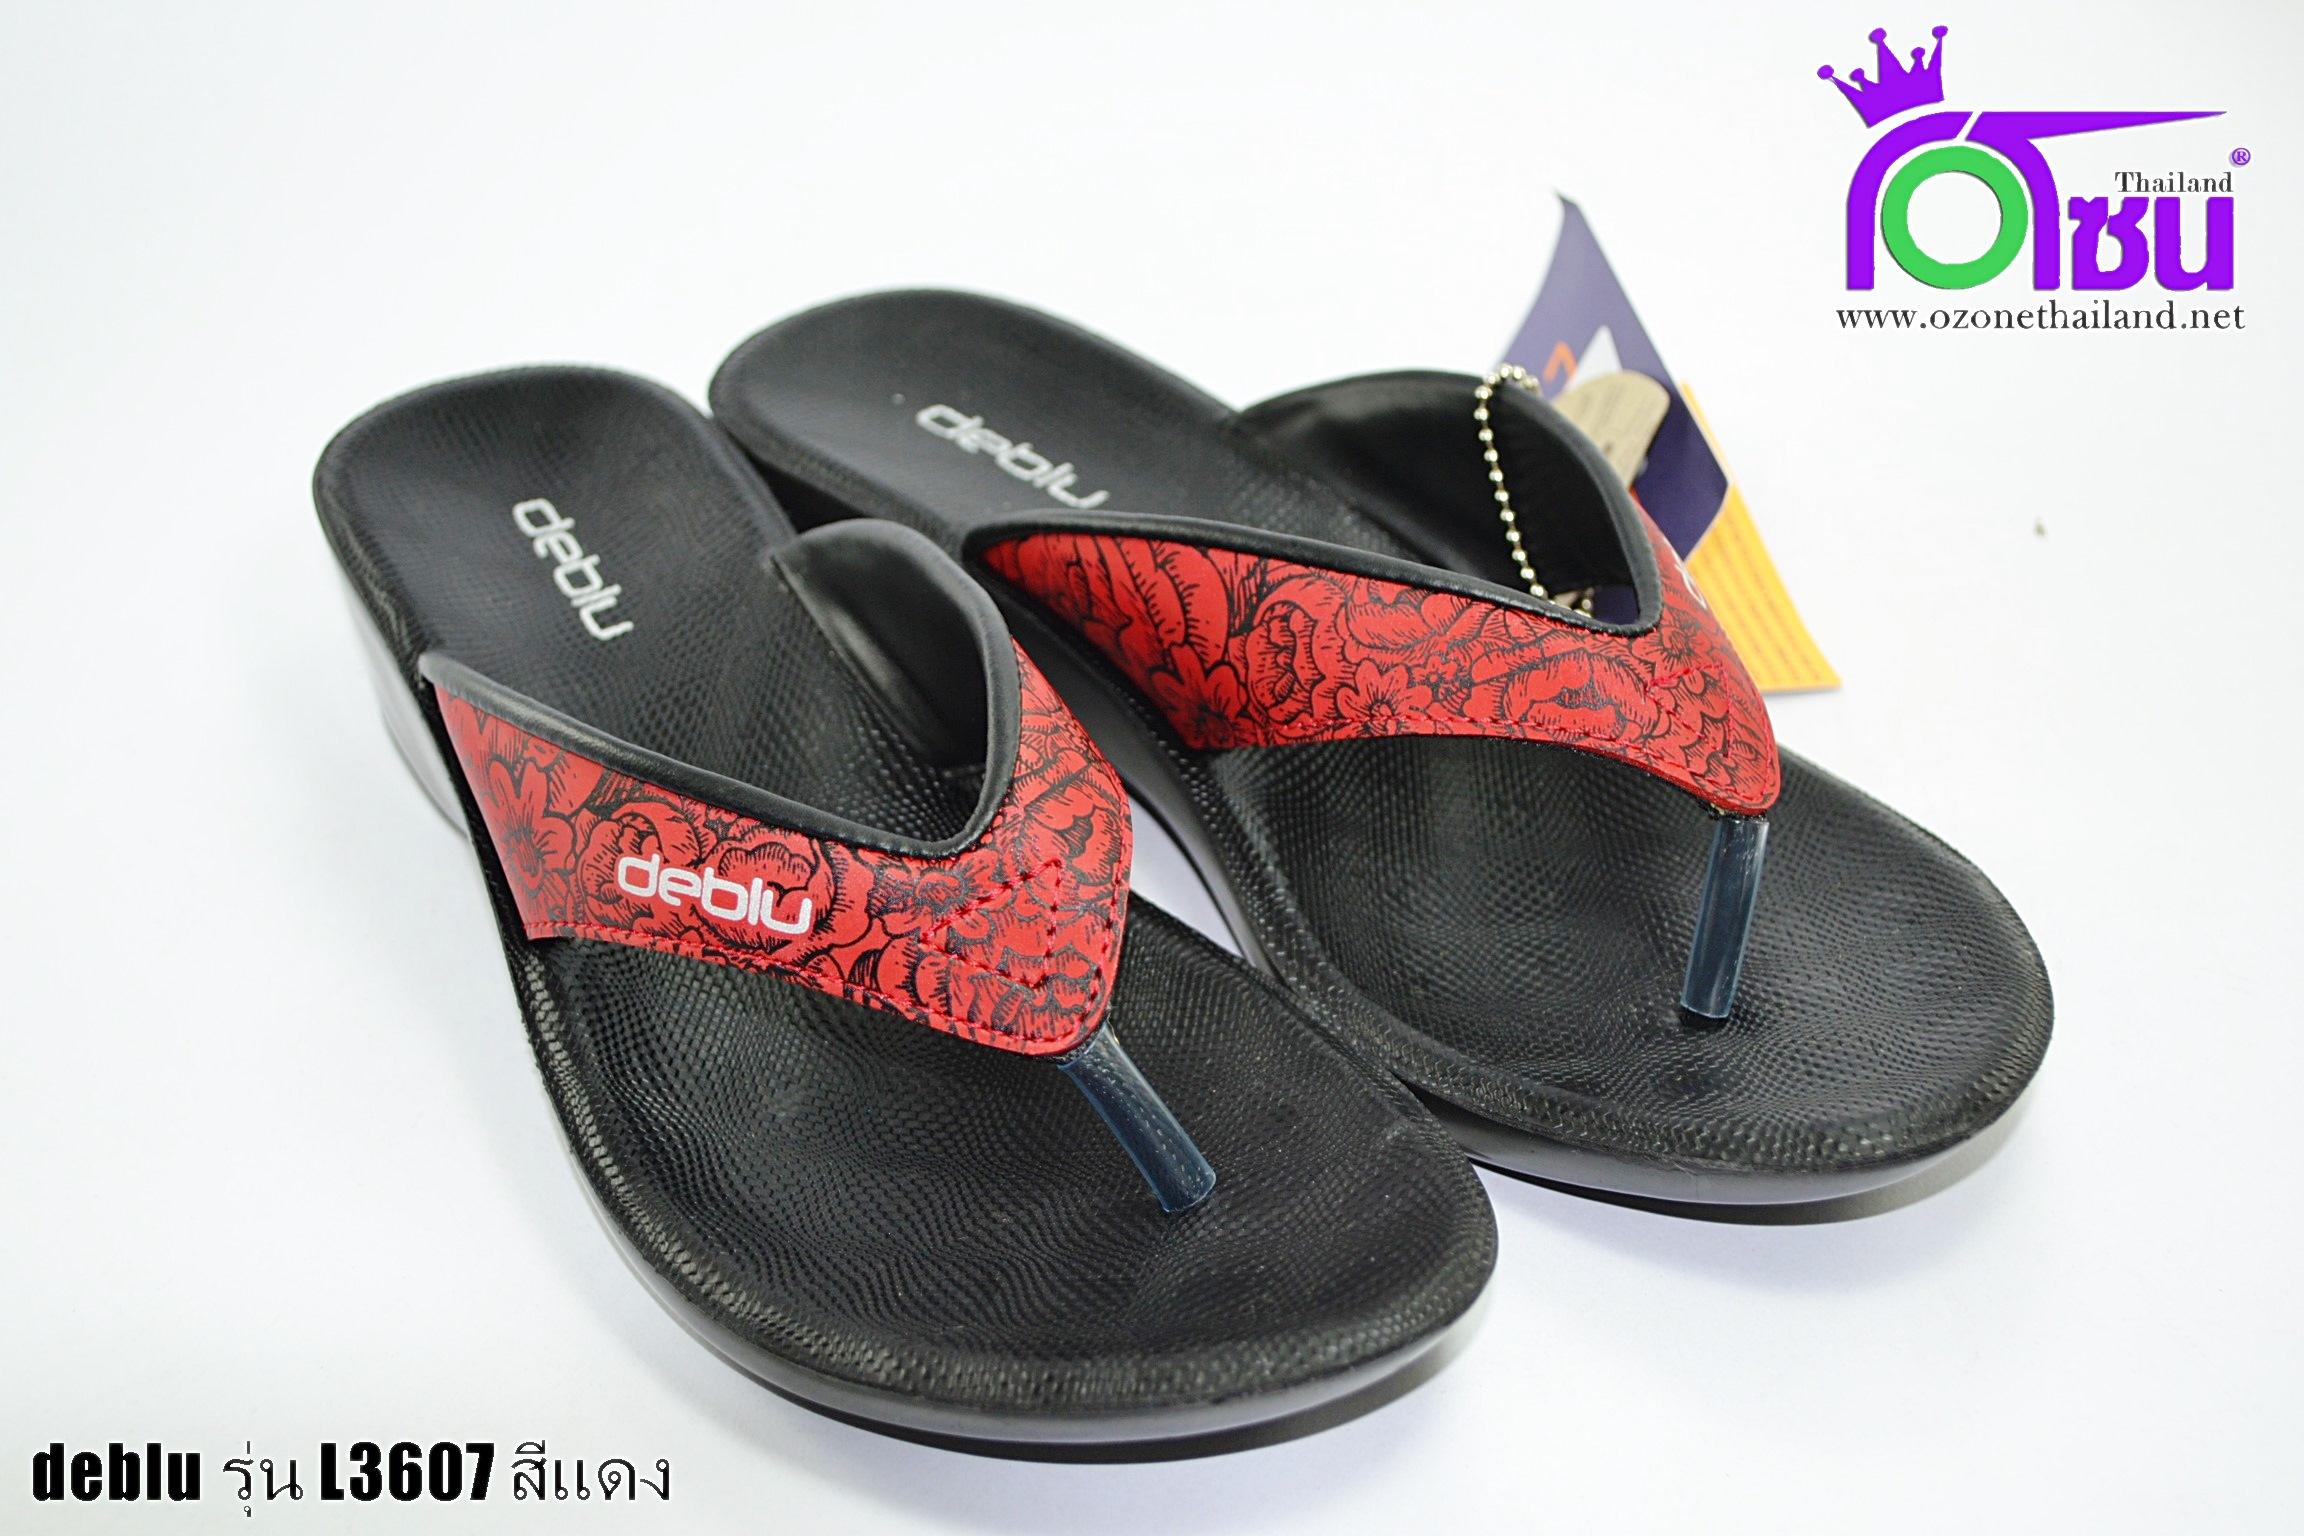 รองเท้าเดอบลู deblu รุ่นL3607สีแดง เบอร์36-41